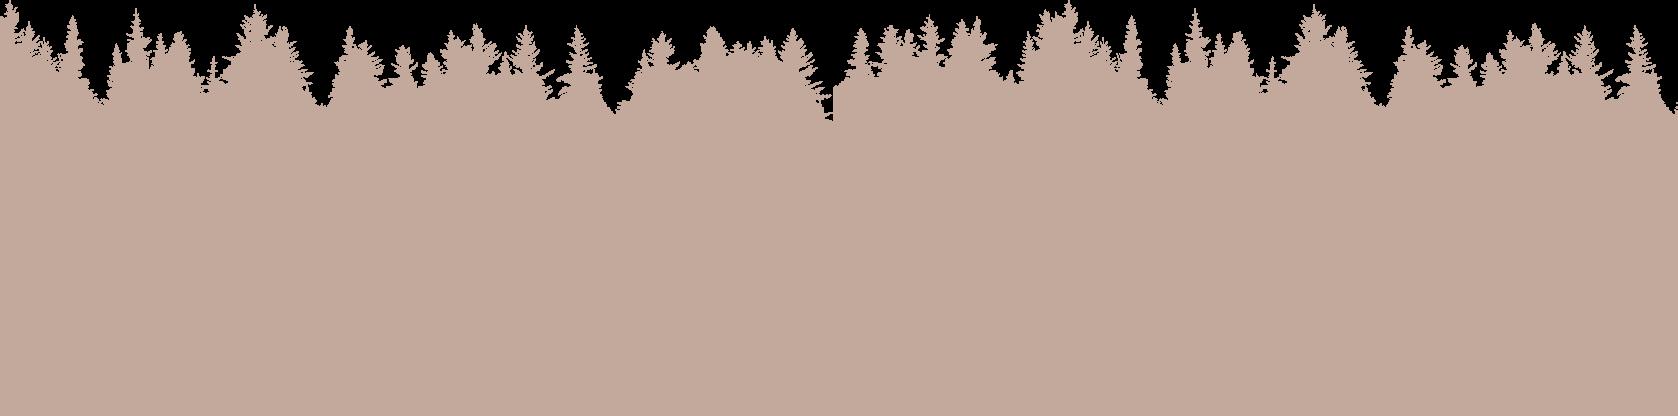 Forêt Atelier La Canopée Boréale